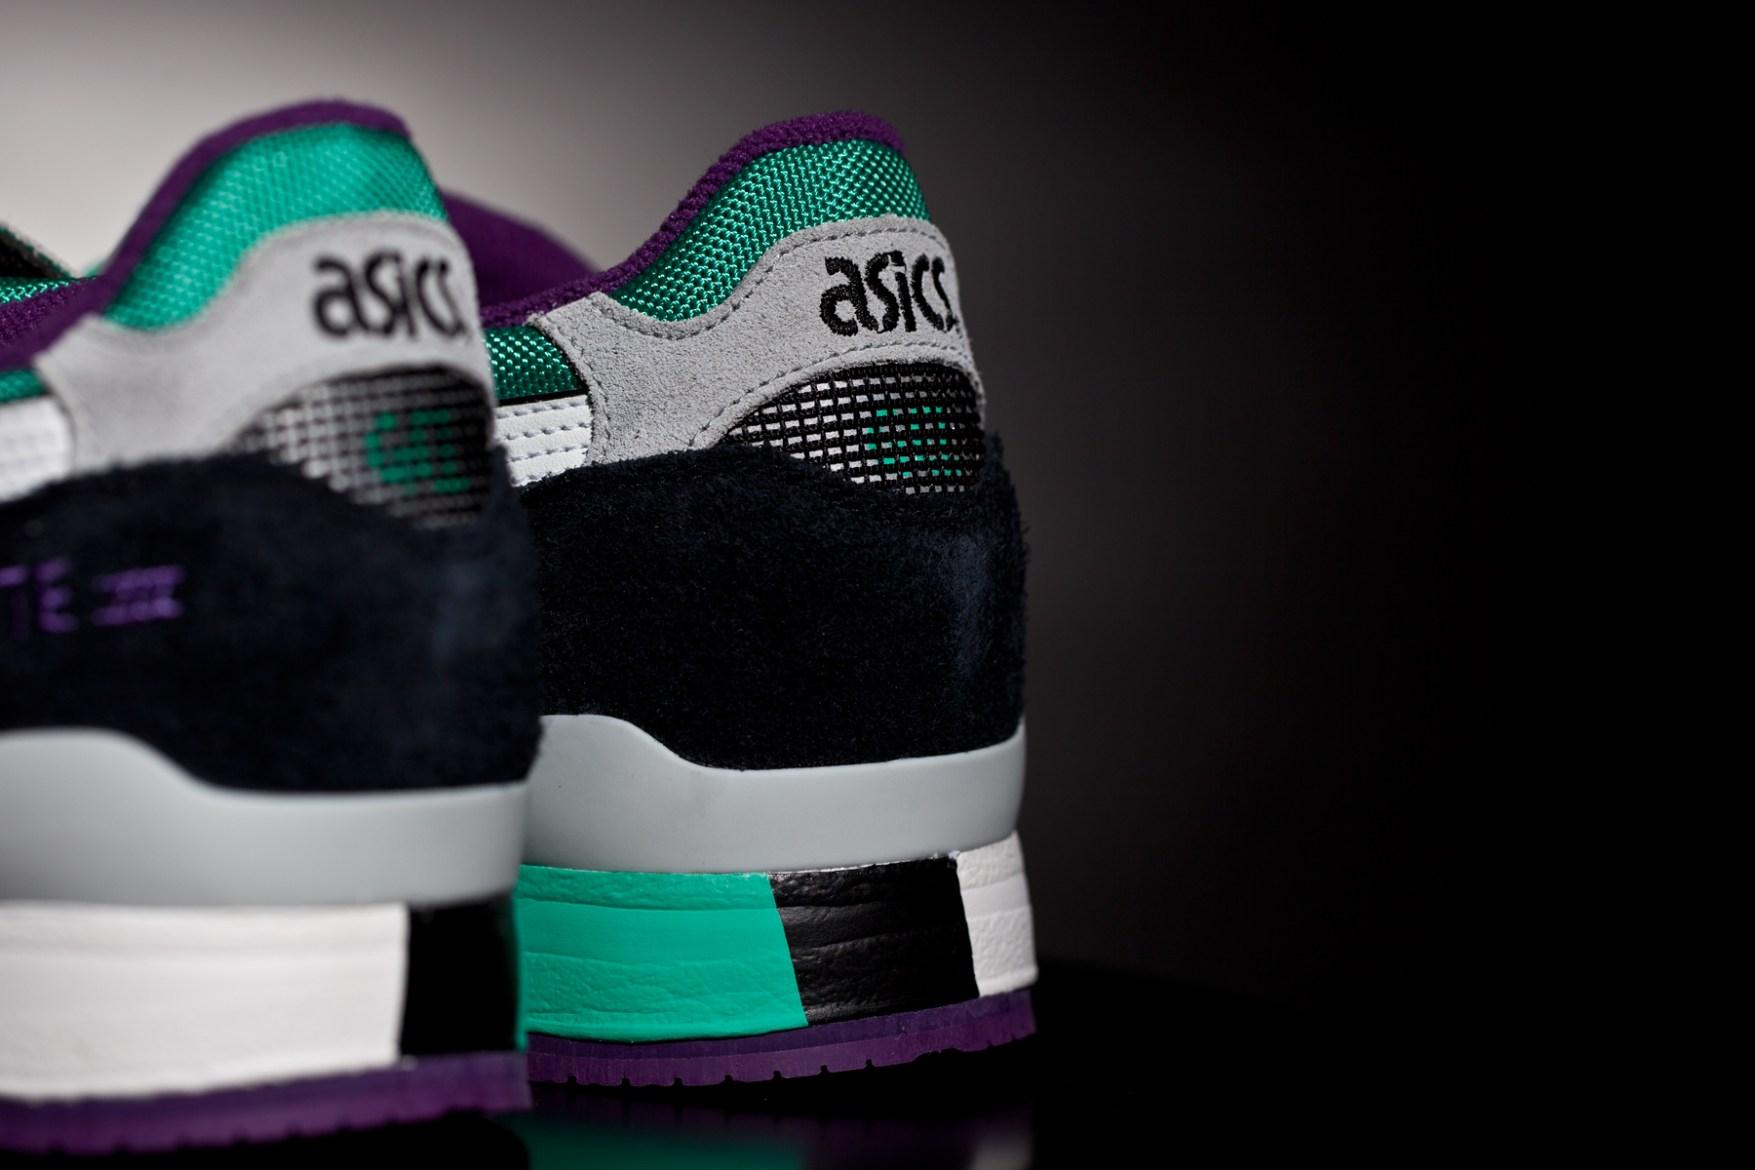 ASICS 2014 Spring/Summer GEL-LYTE III Sneakers